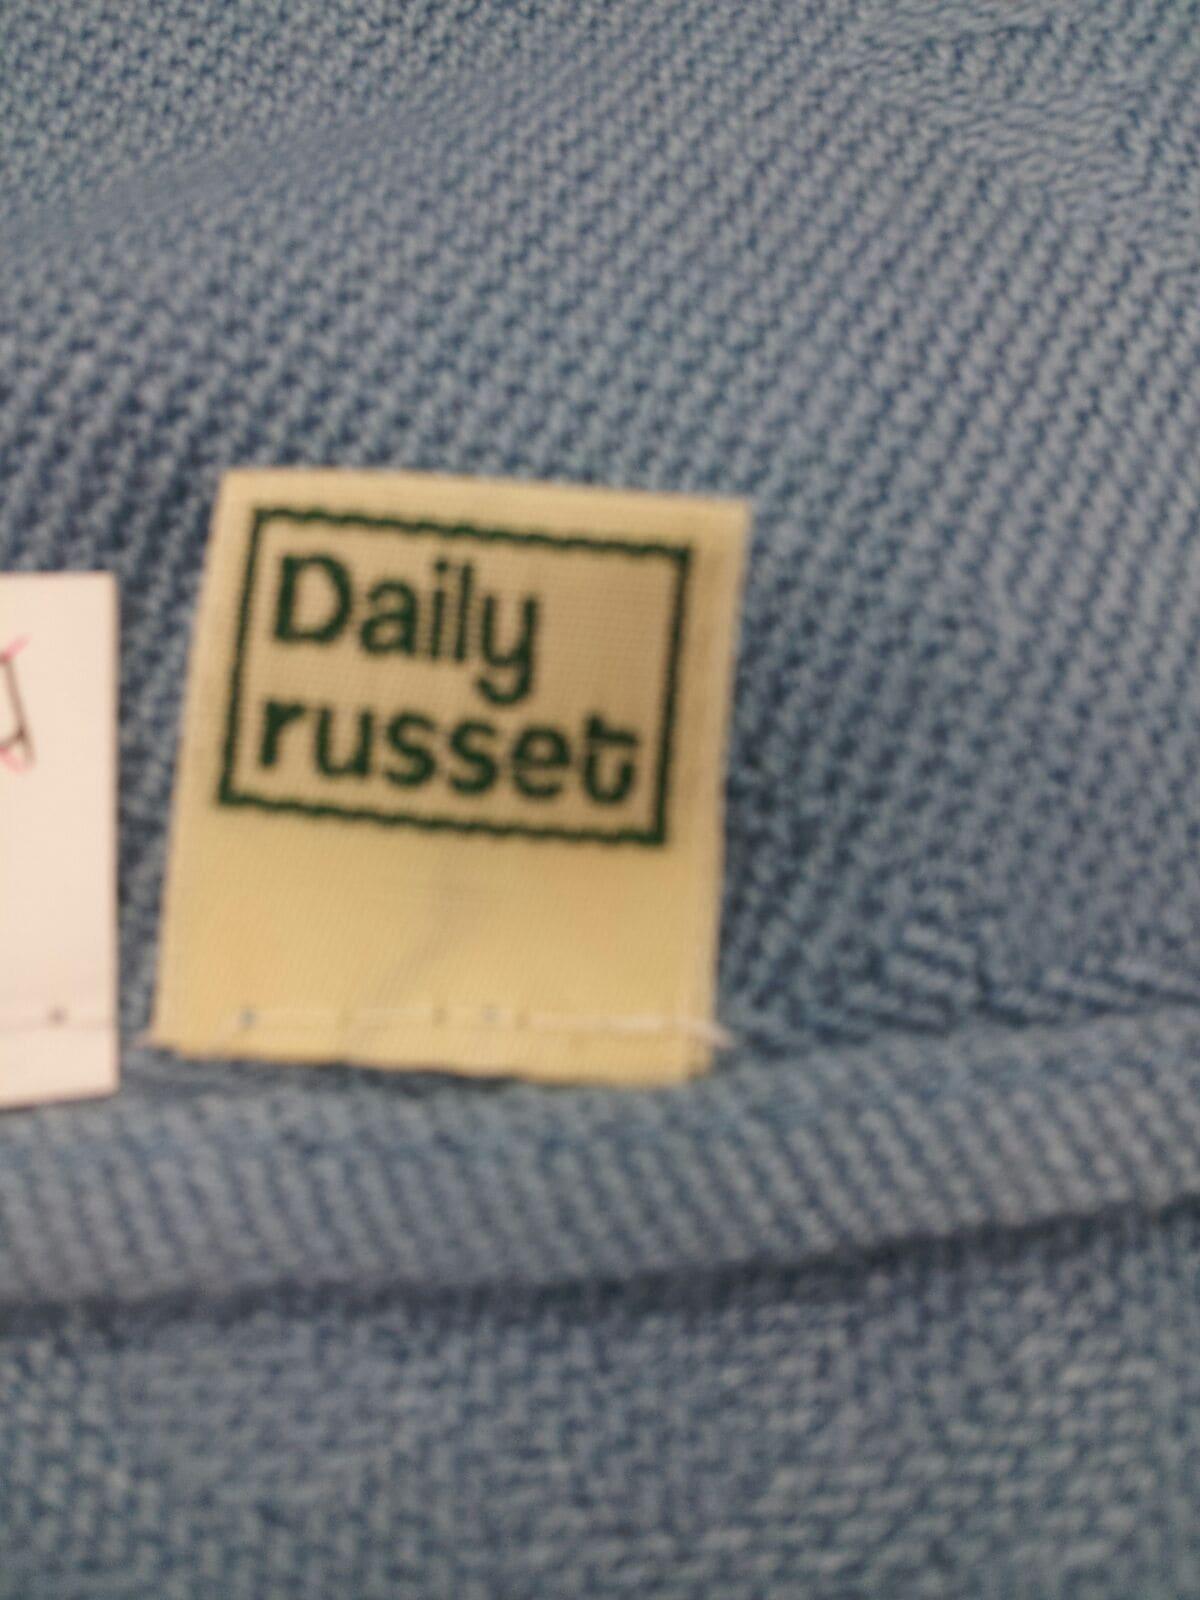 russet(ラシット)のマフラー